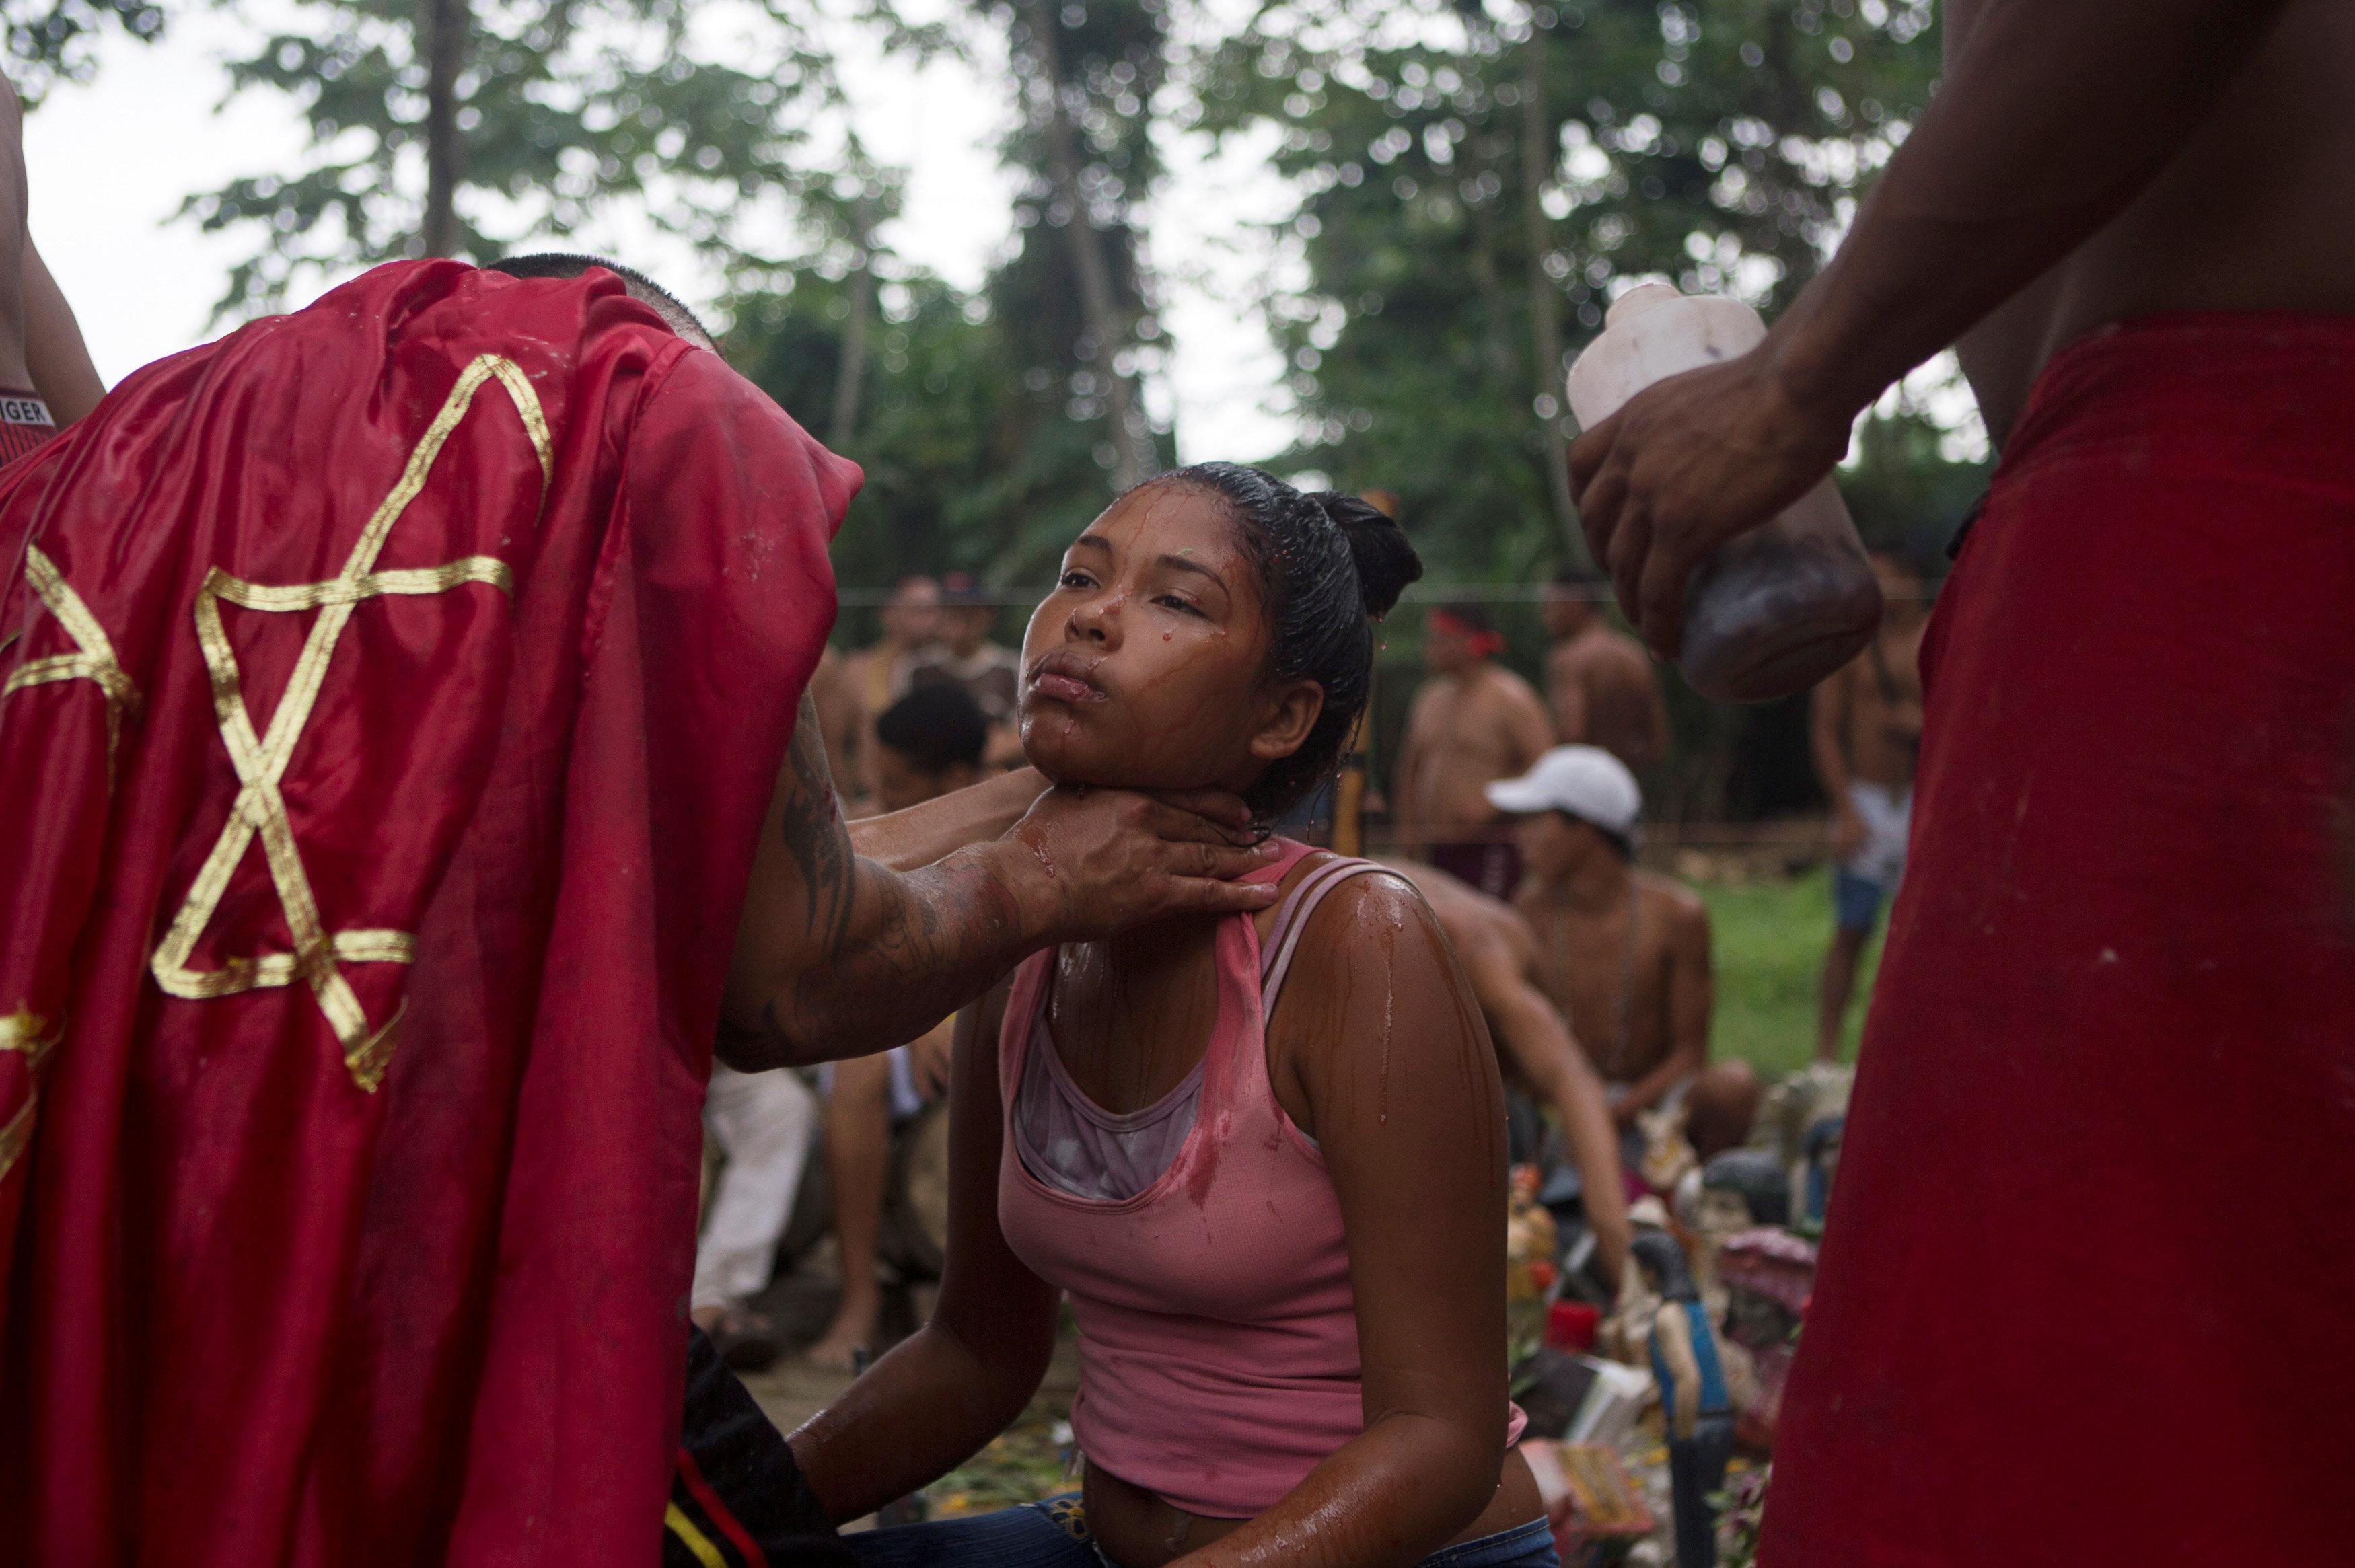 Las ceremonias religiosas se llevan a cabo en la montaña de Sorte, en Chivacoa. Según la leyenda, allí habita el espíritu de la diosa